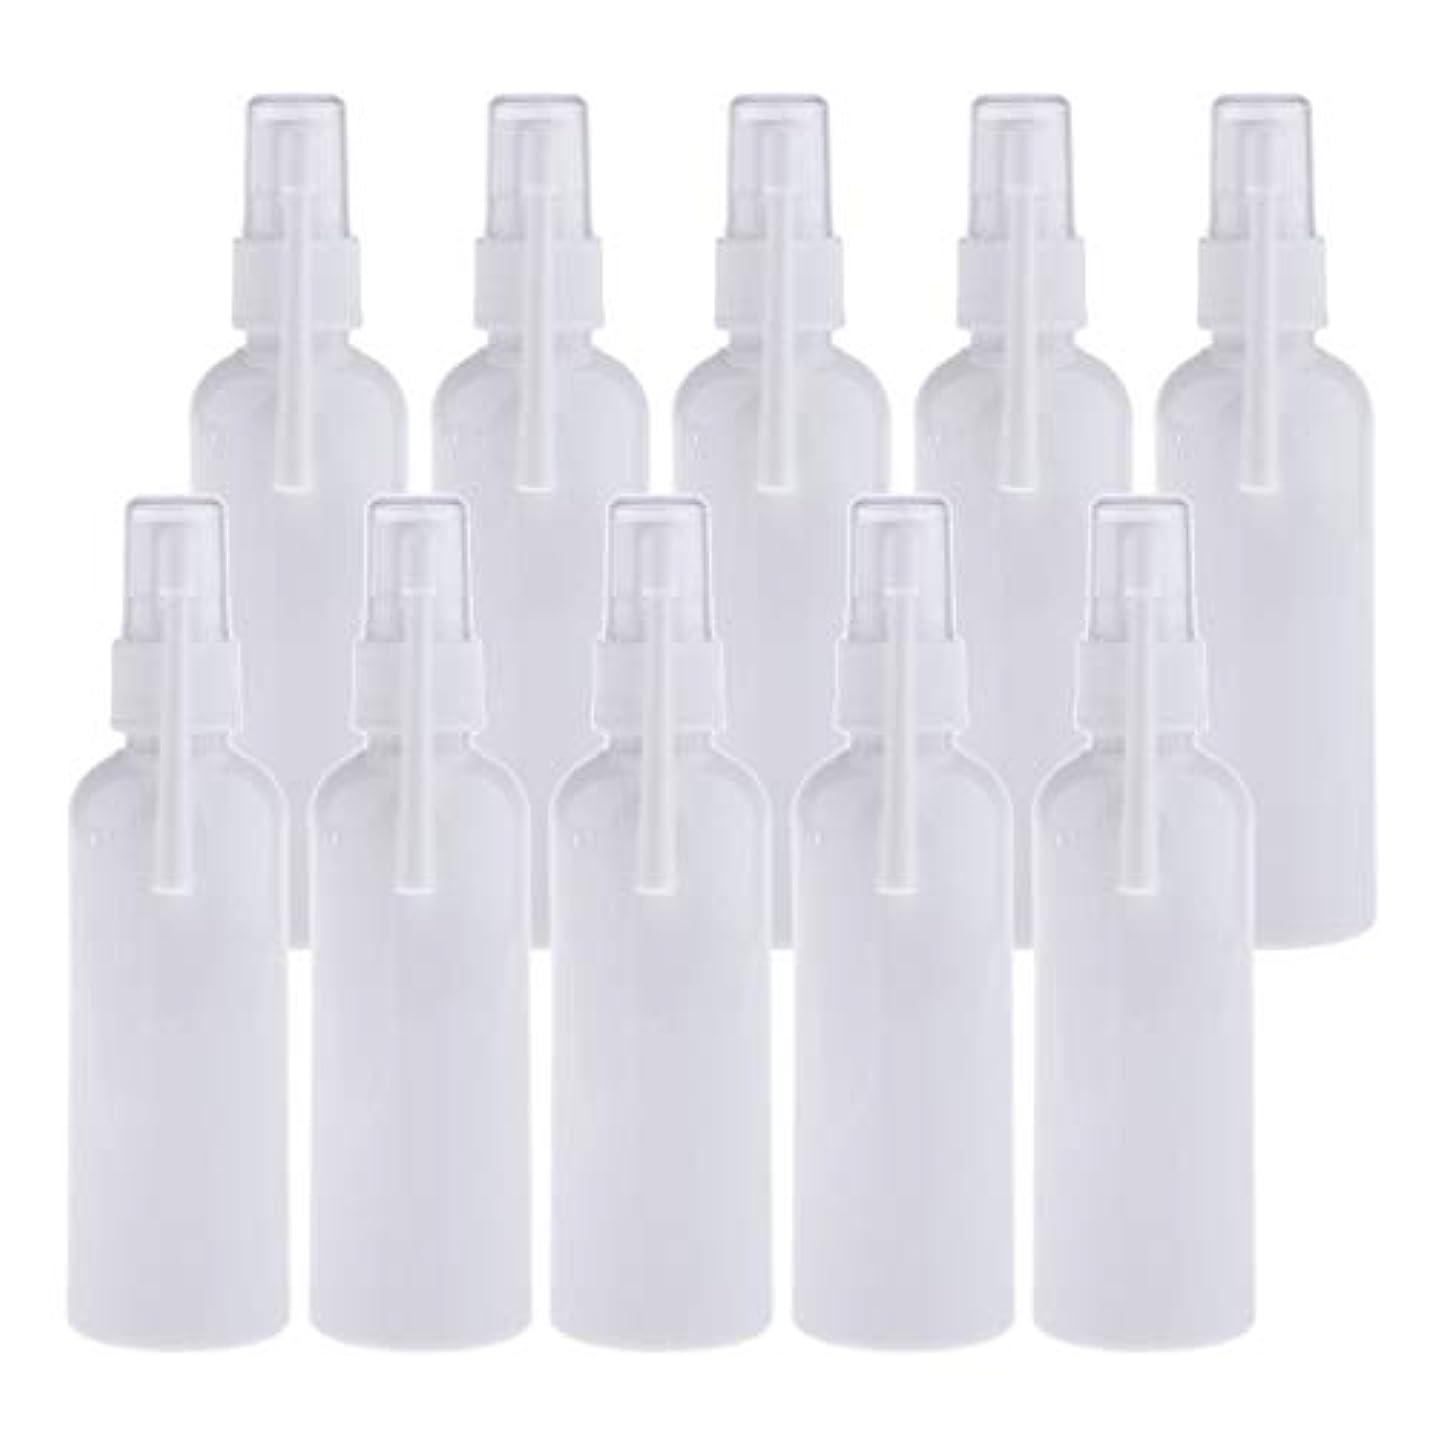 パースとんでもない恐怖CUTICATE スプレーボトル 経口 点鼻スプレーボトル スプレー容器 点鼻噴霧 詰め替え容器 携帯用 全2色 - 白